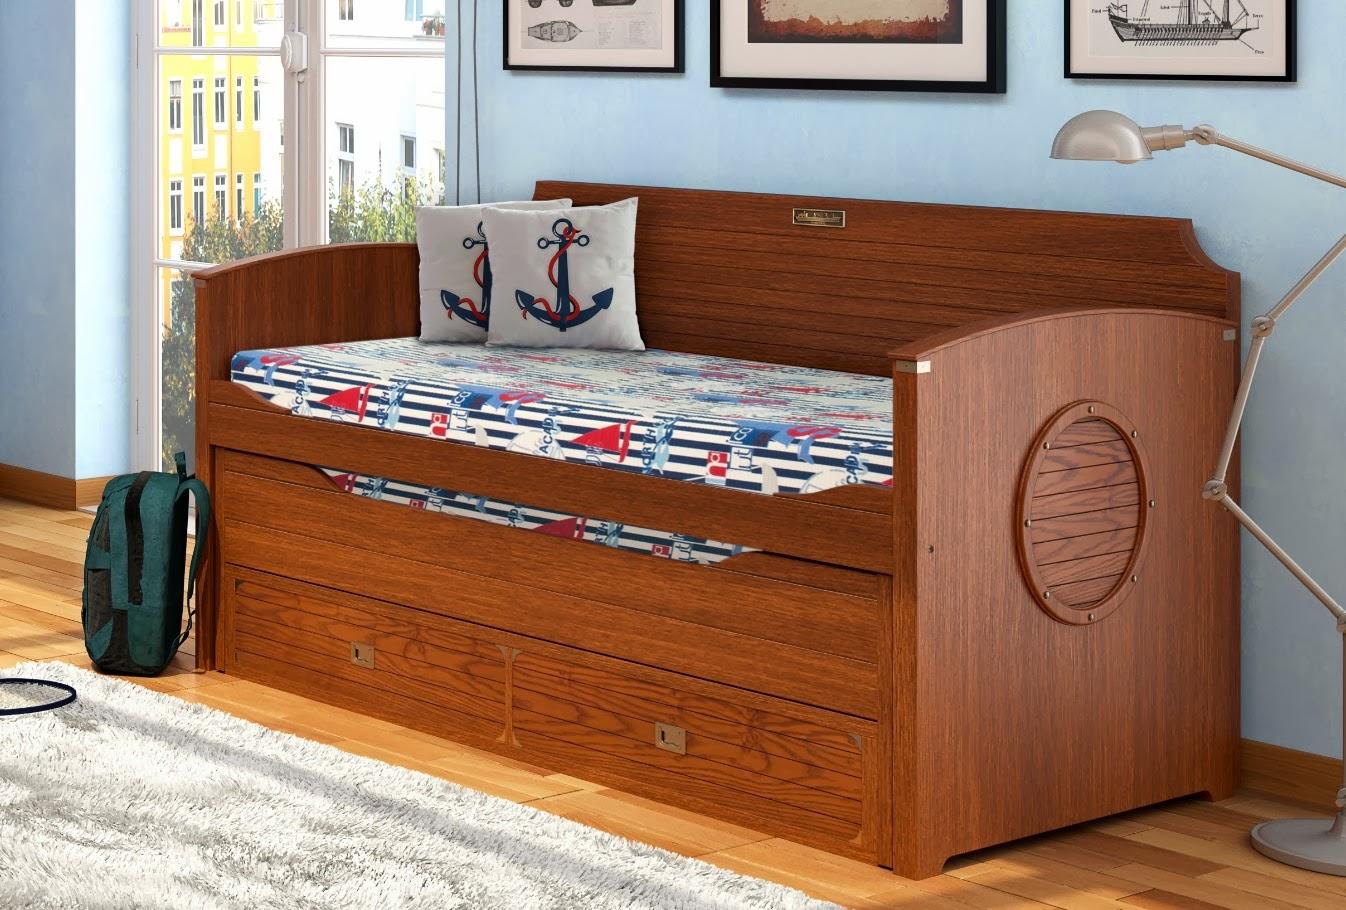 Blog de mbar muebles dormitorios estilo barco - Muebles cama nido ...